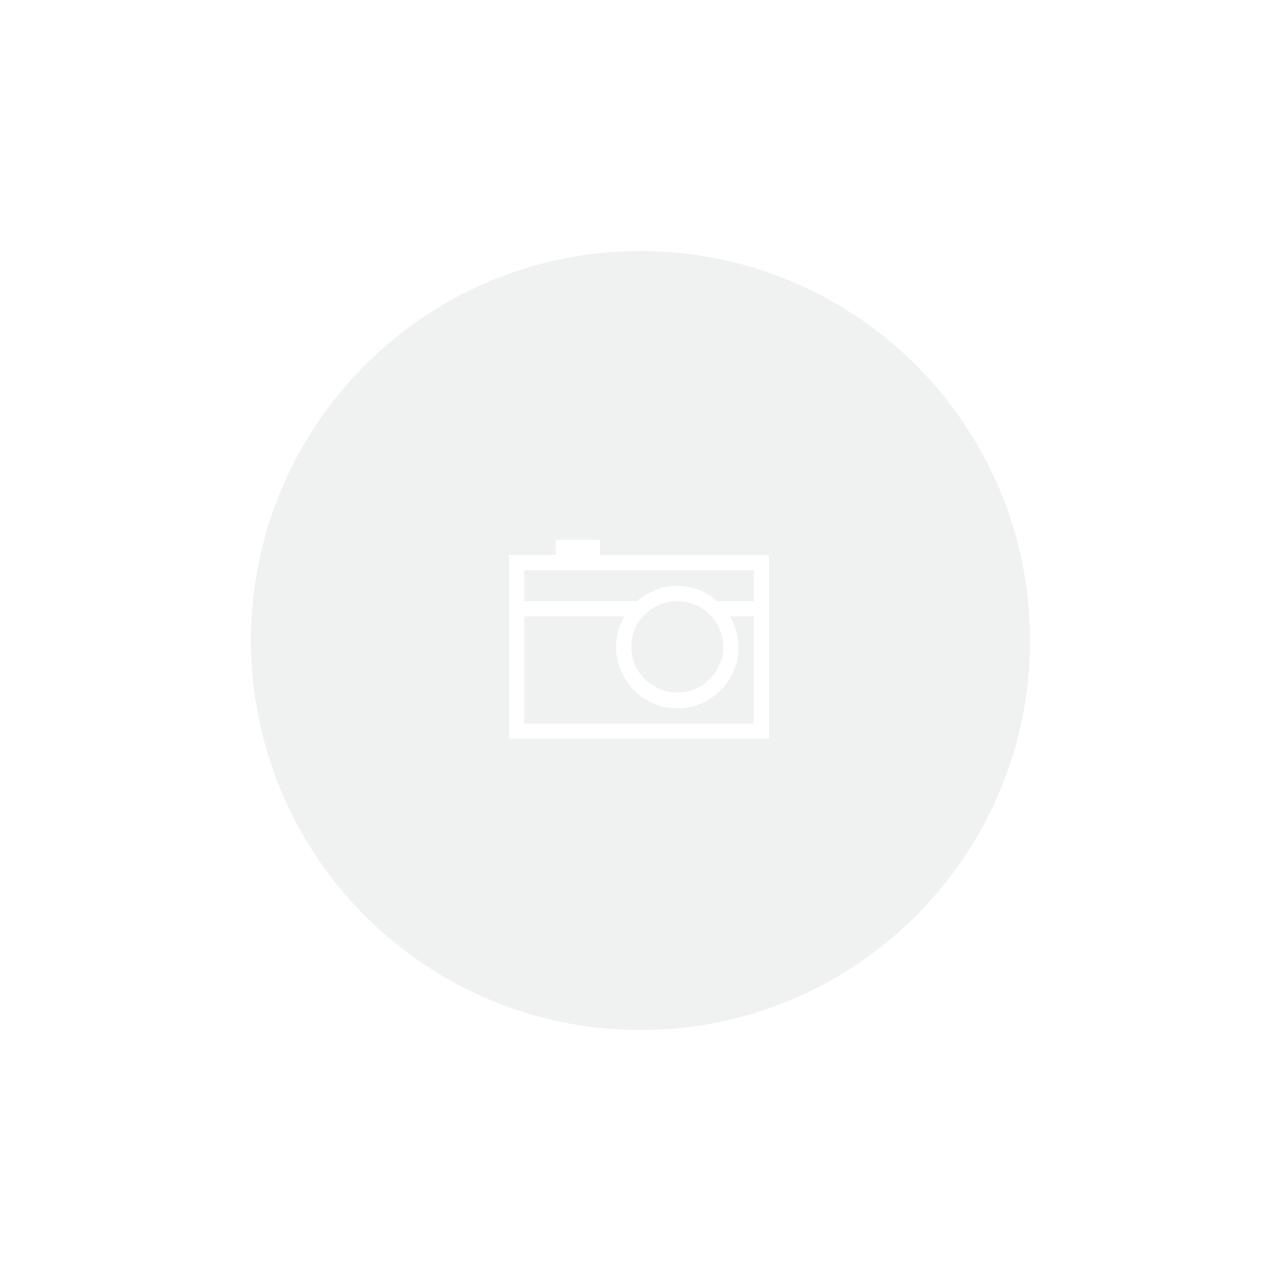 Casa Madeira Suco de Uva Integral Tinto 500 mL